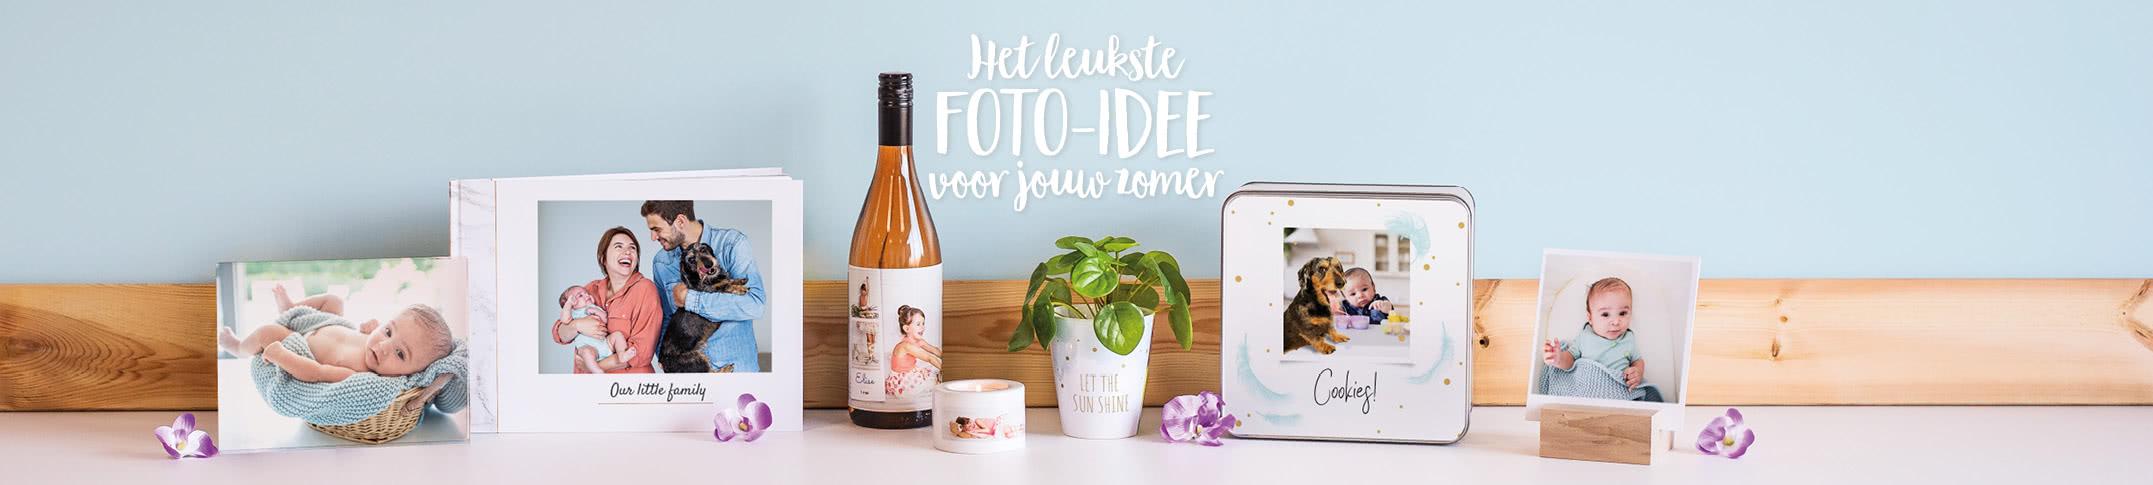 Het leukste foto-idee voor jouw zomer!